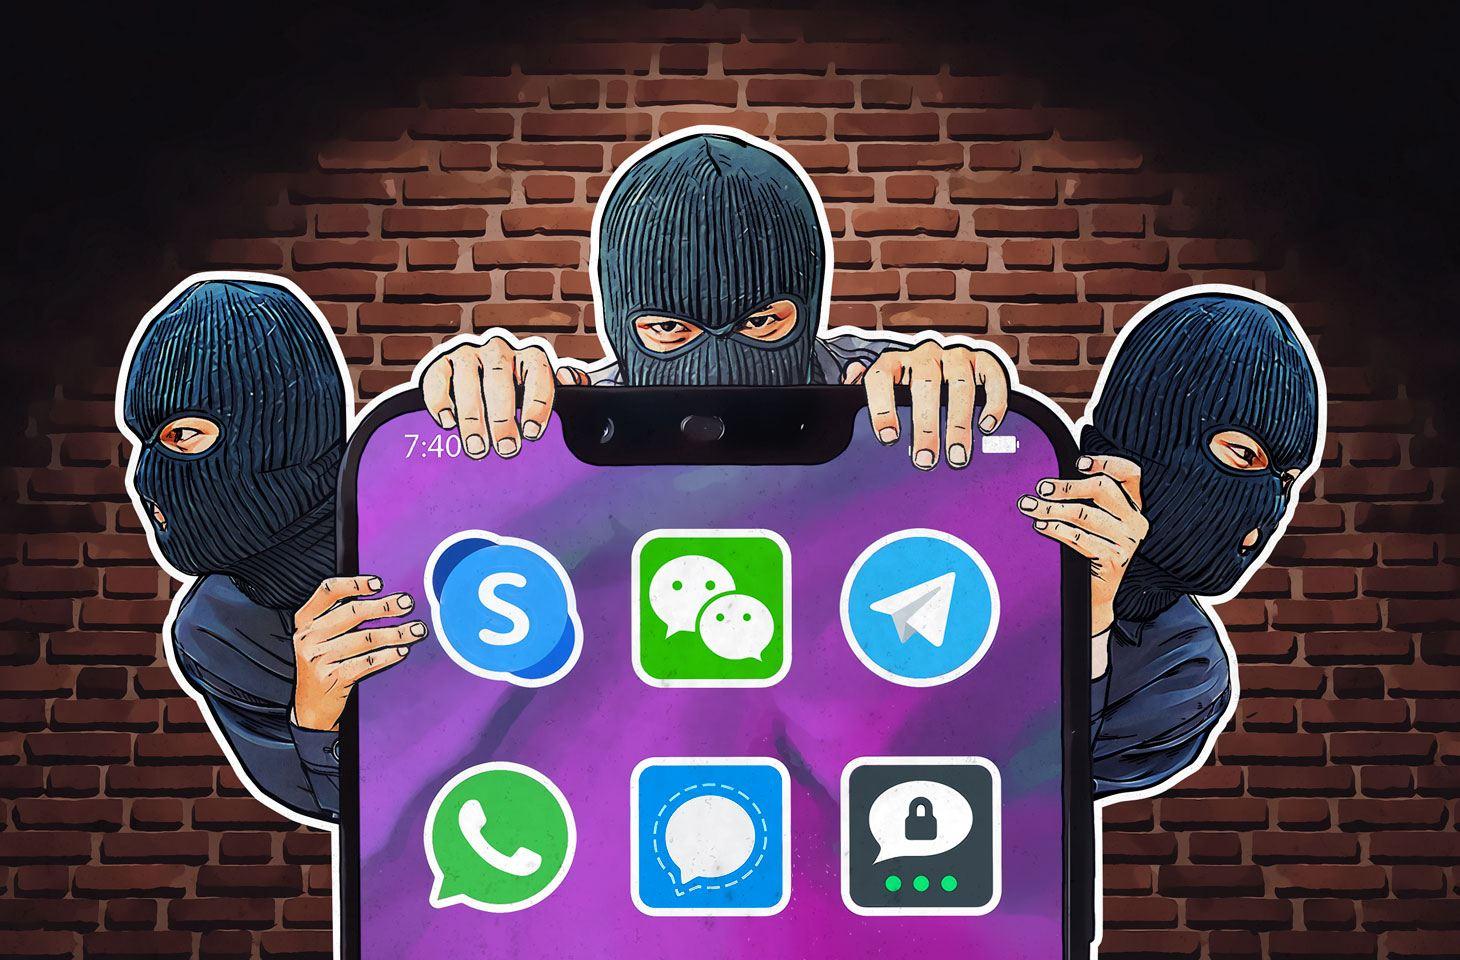 FinSpy/FinFisher est un logiciel espion légal qui cible Android, iOS, Windows, macOS et Linux